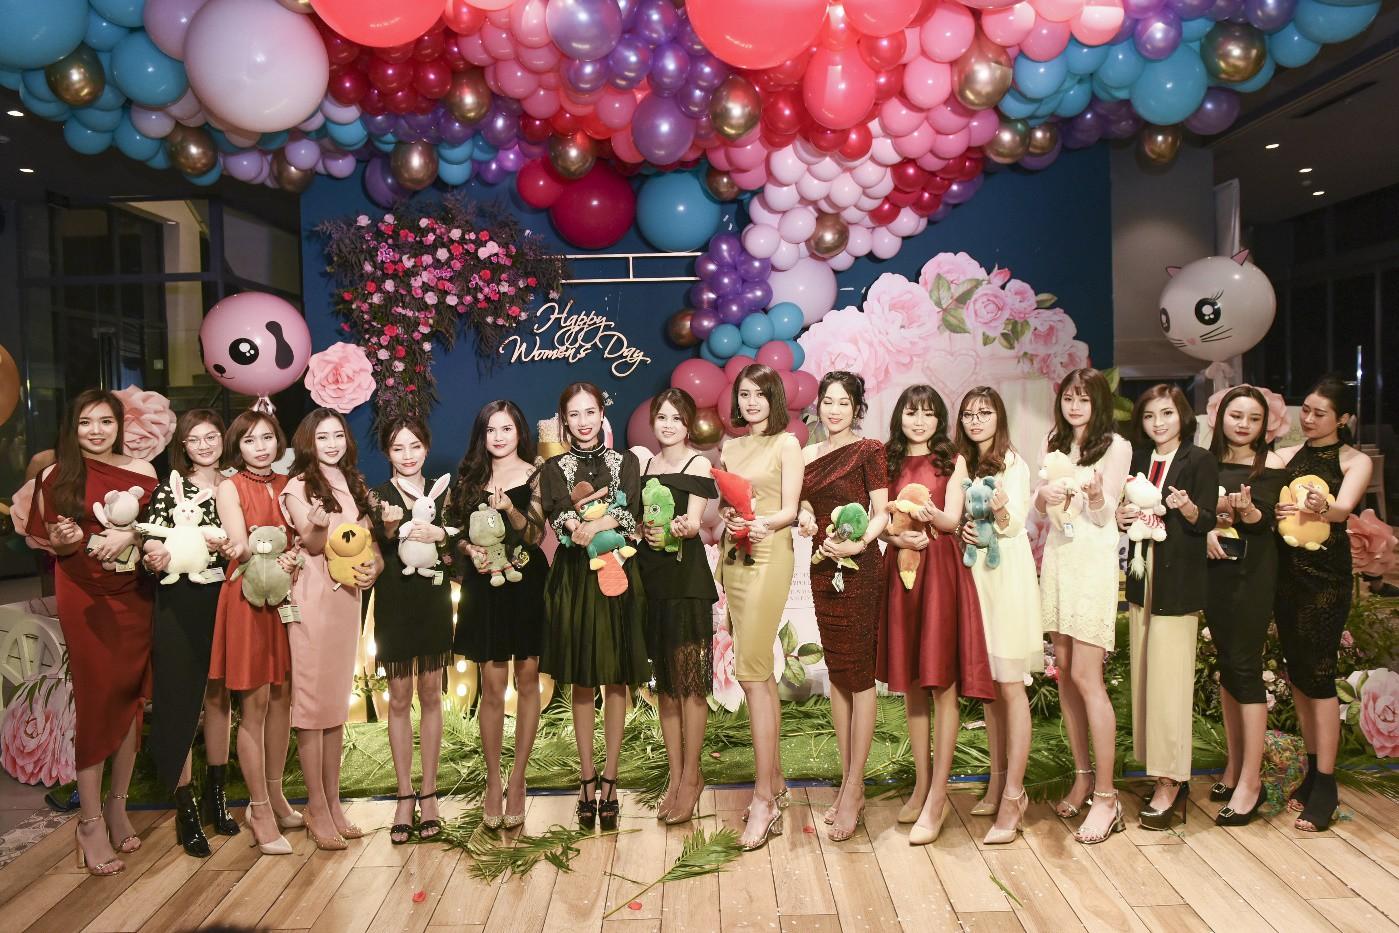 Đào Bá Lộc khuấy động đêm tiệc hoành tráng của công ty Kosxu nhân ngày Quốc tế Phụ nữ - Ảnh 2.